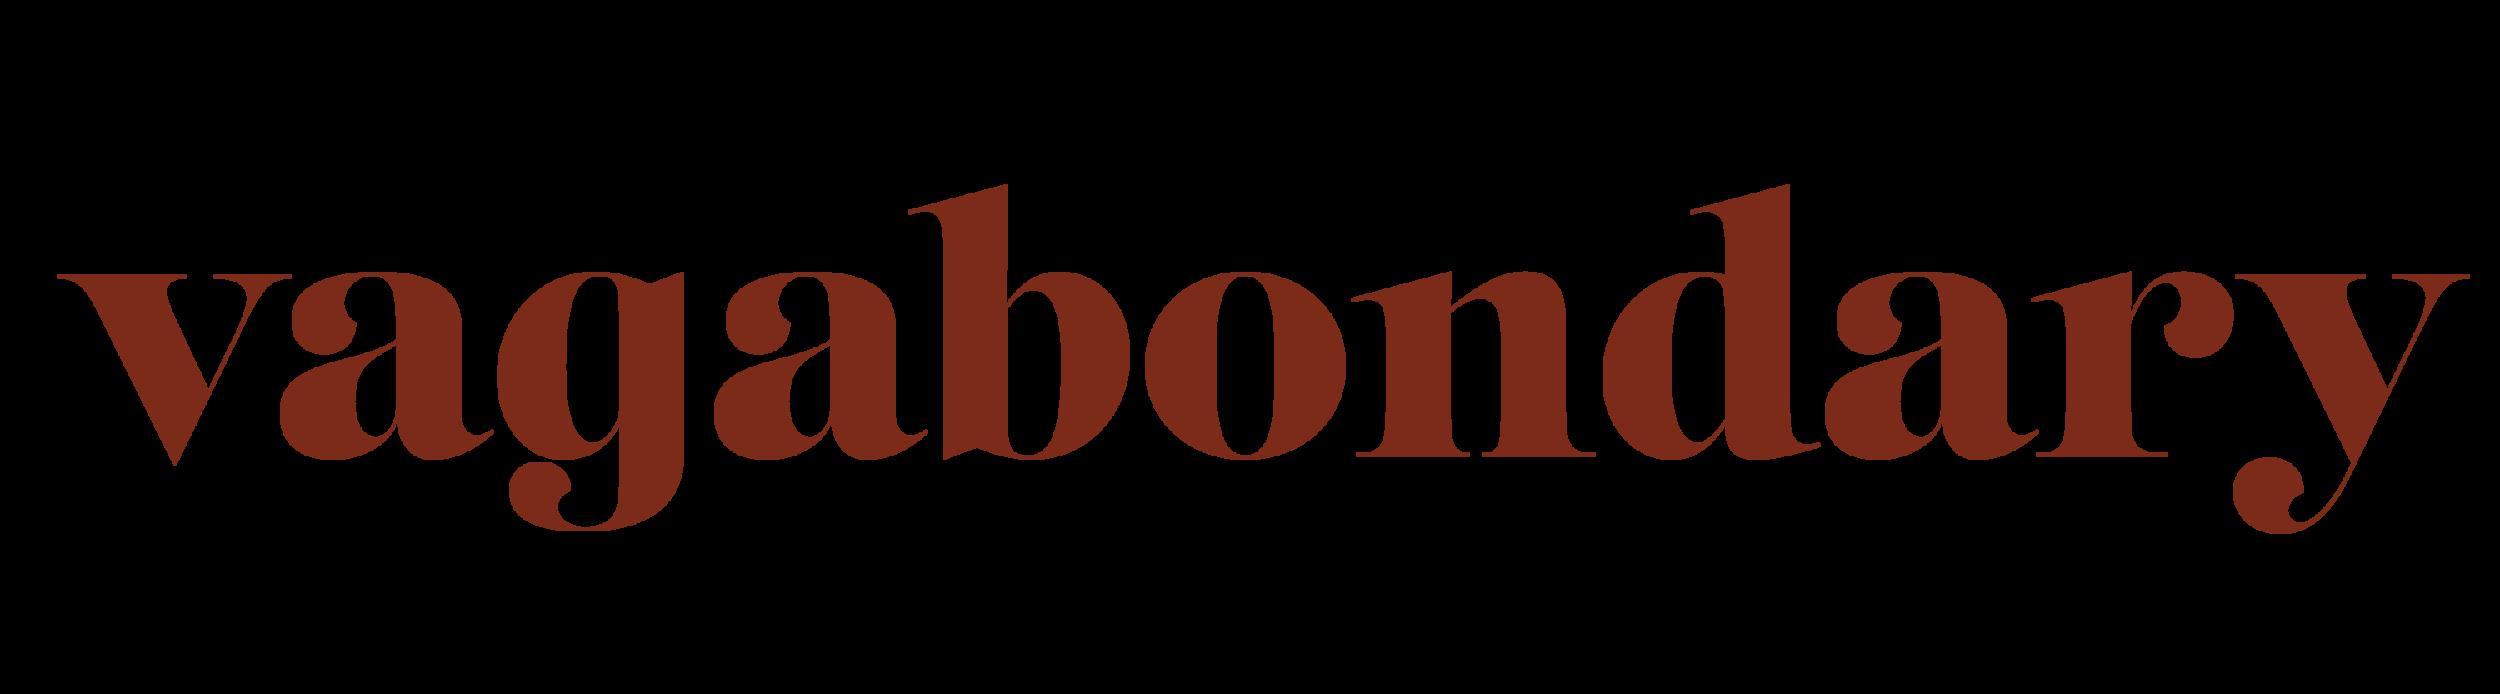 Vagabondary logo-06.png